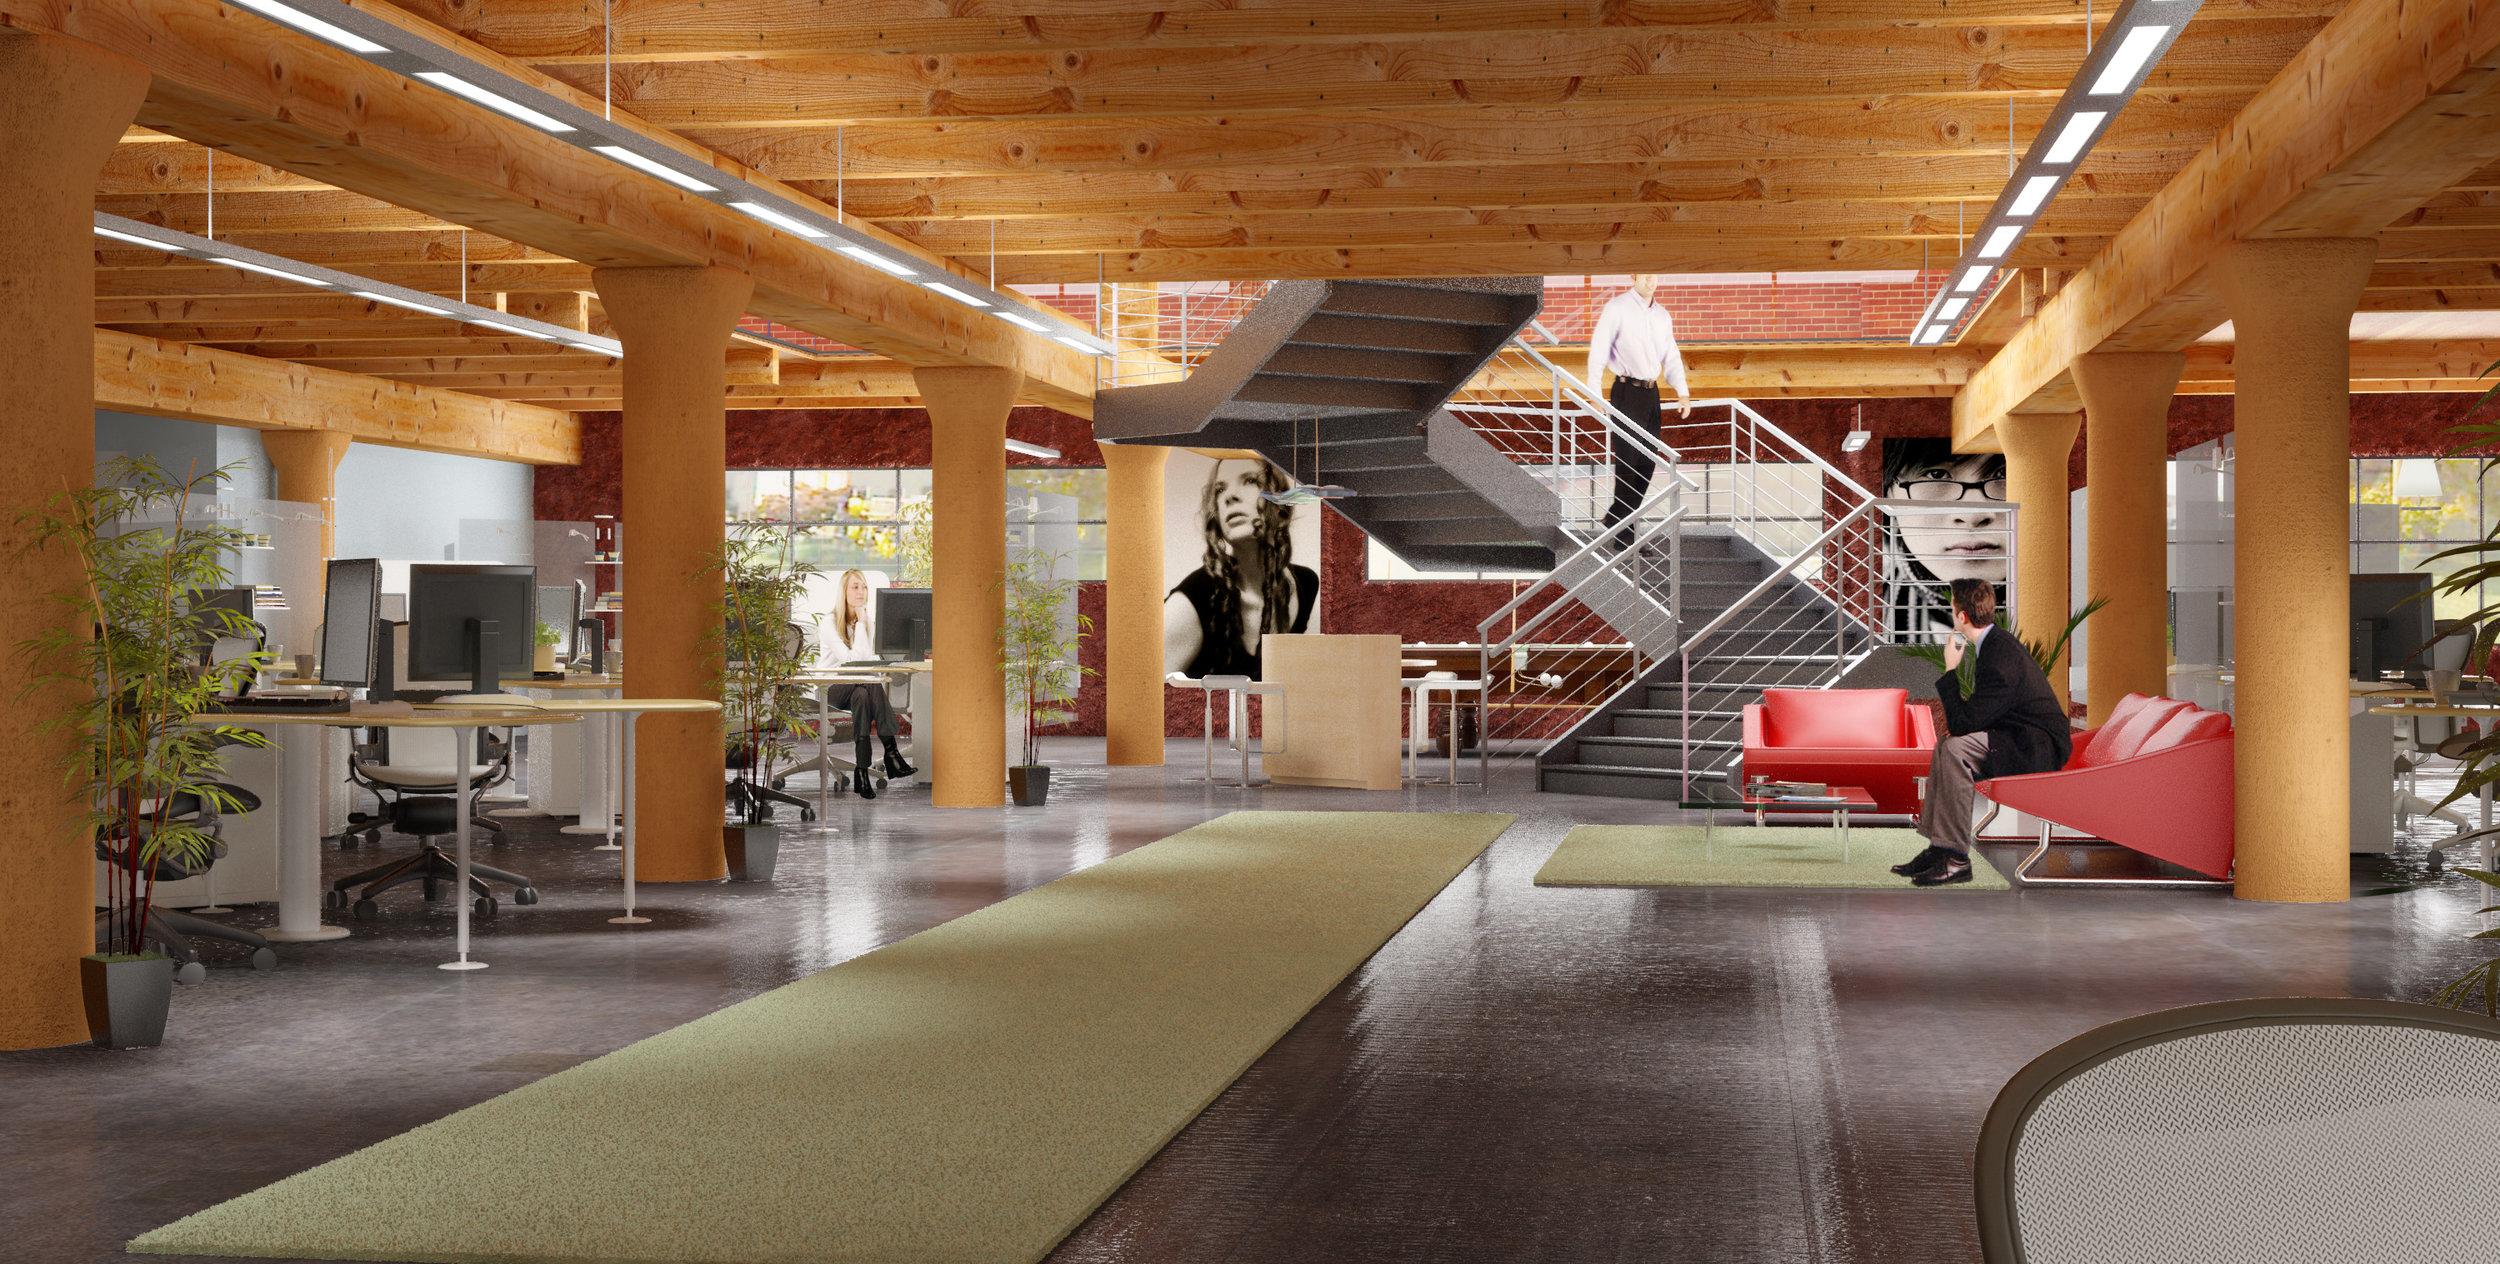 Downstairs 6.24.09jpg.jpg